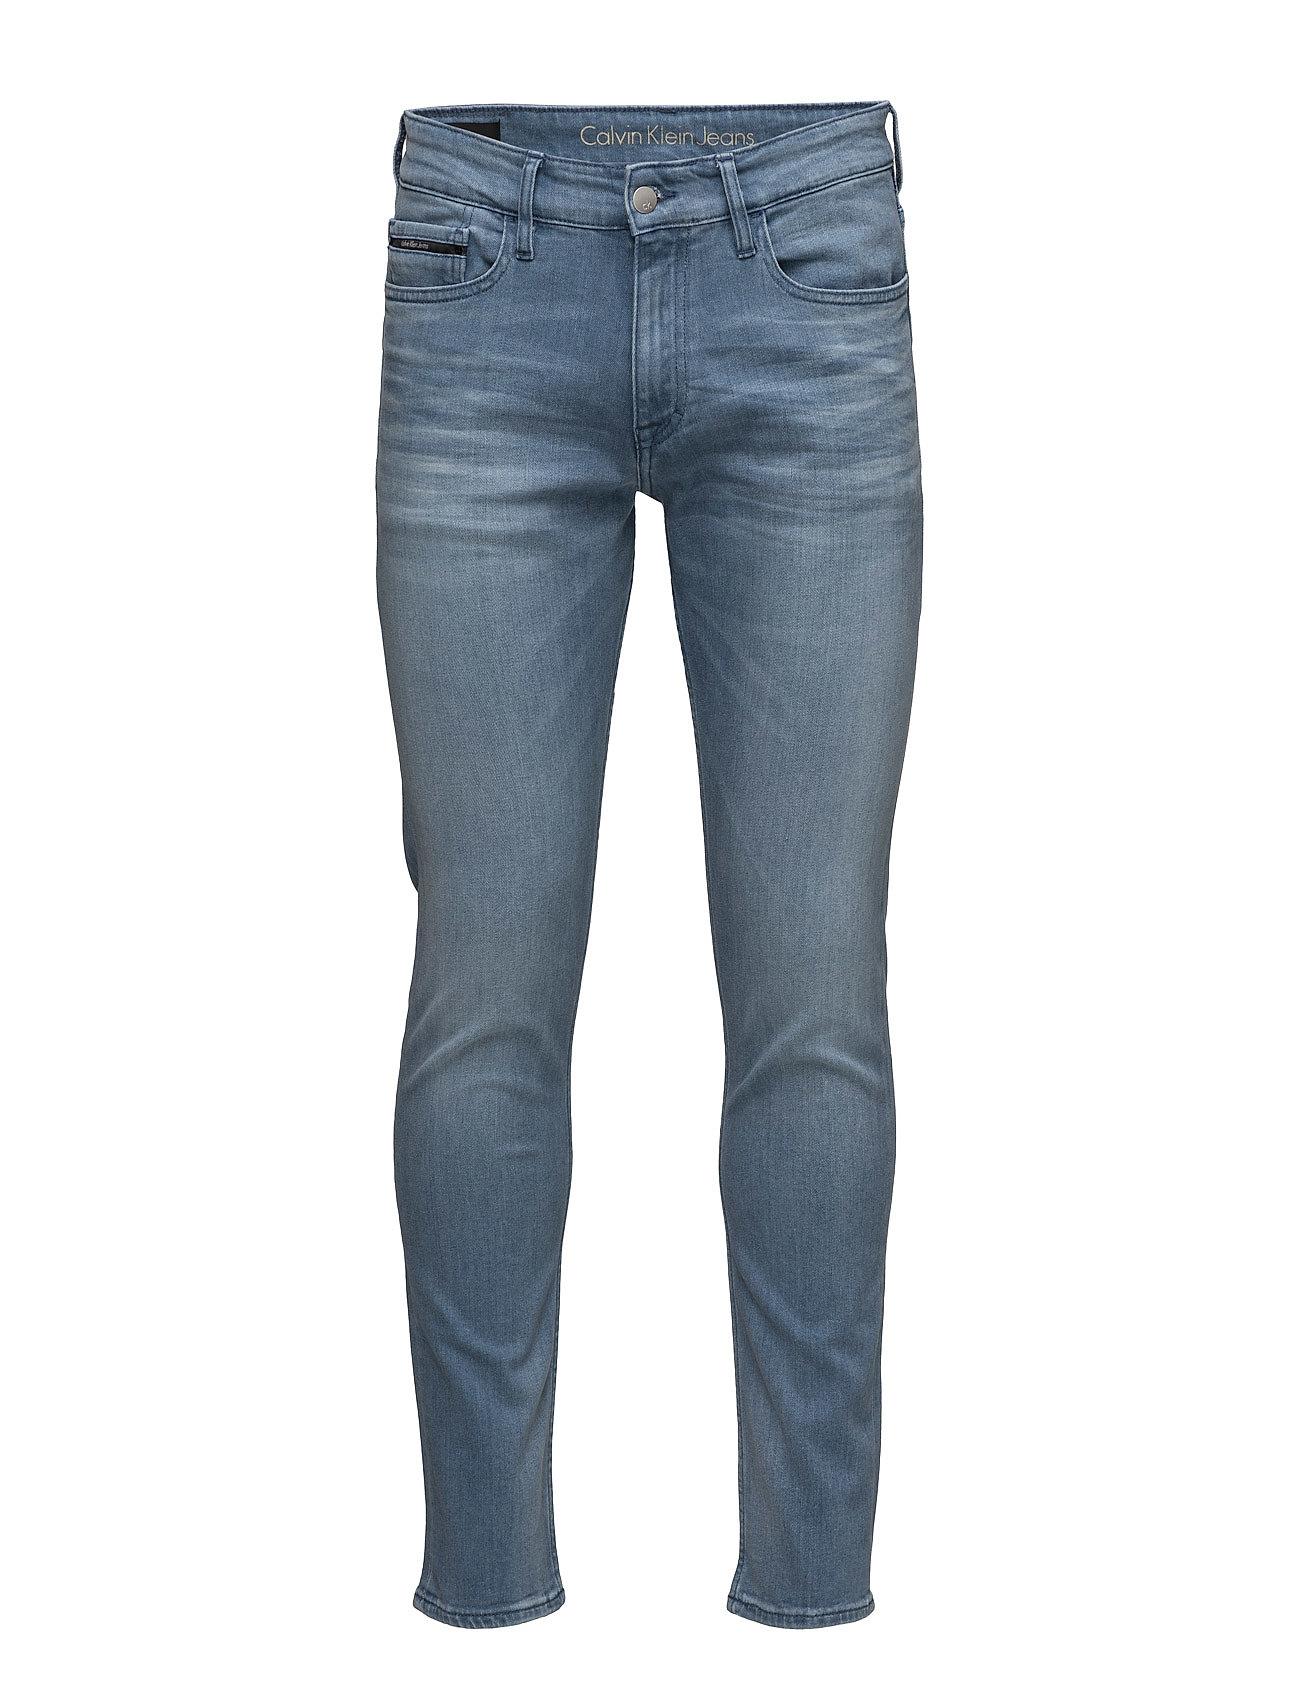 Skinny - soft teal, fra calvin klein jeans på boozt.com dk